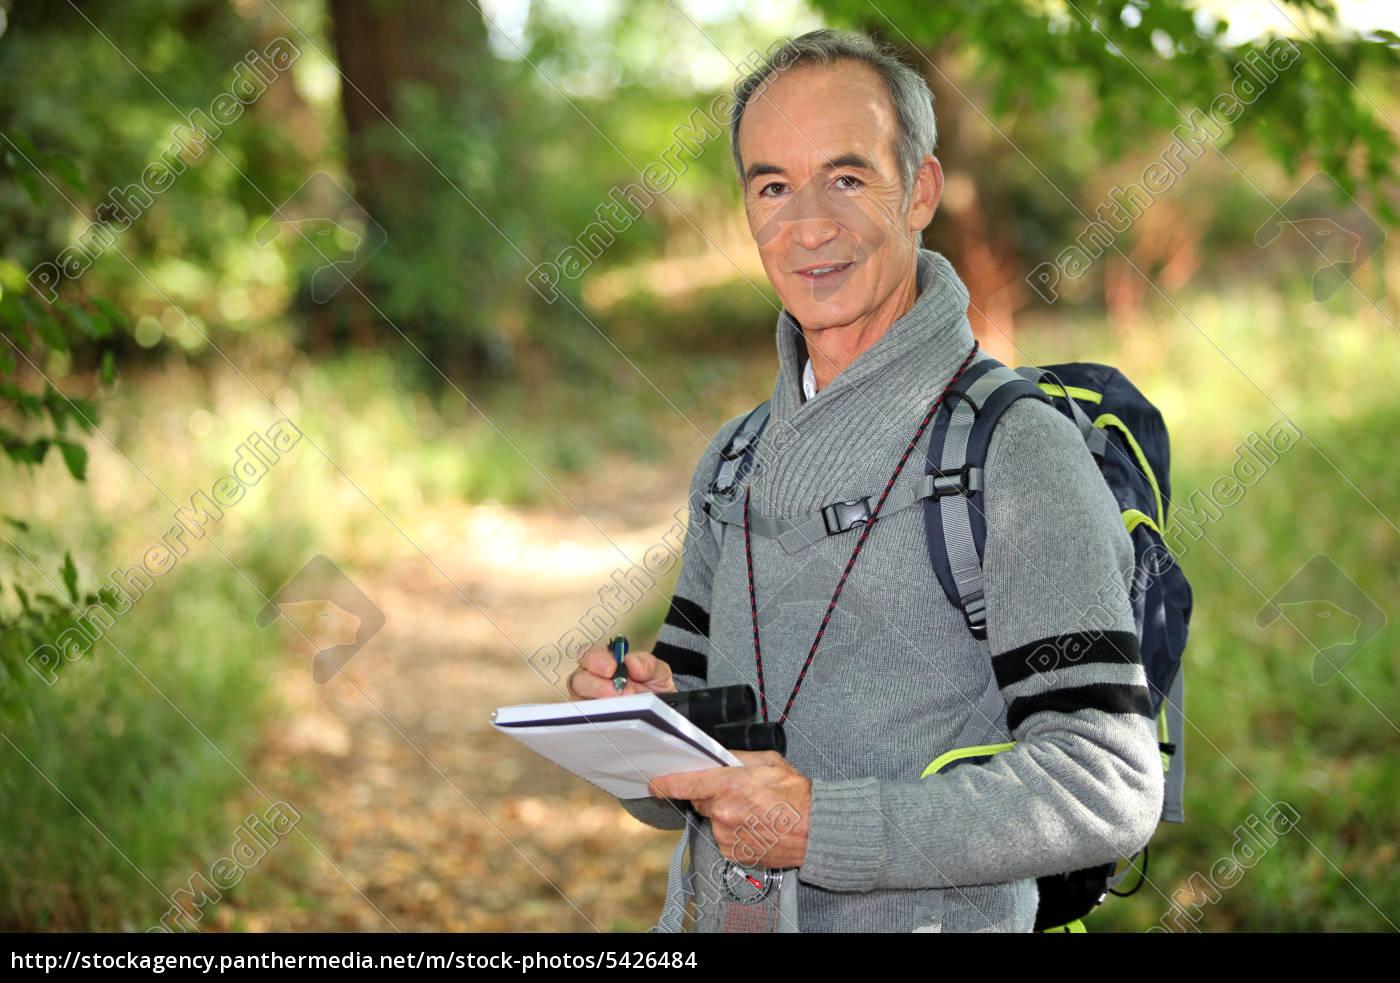 man, hiking - 5426484